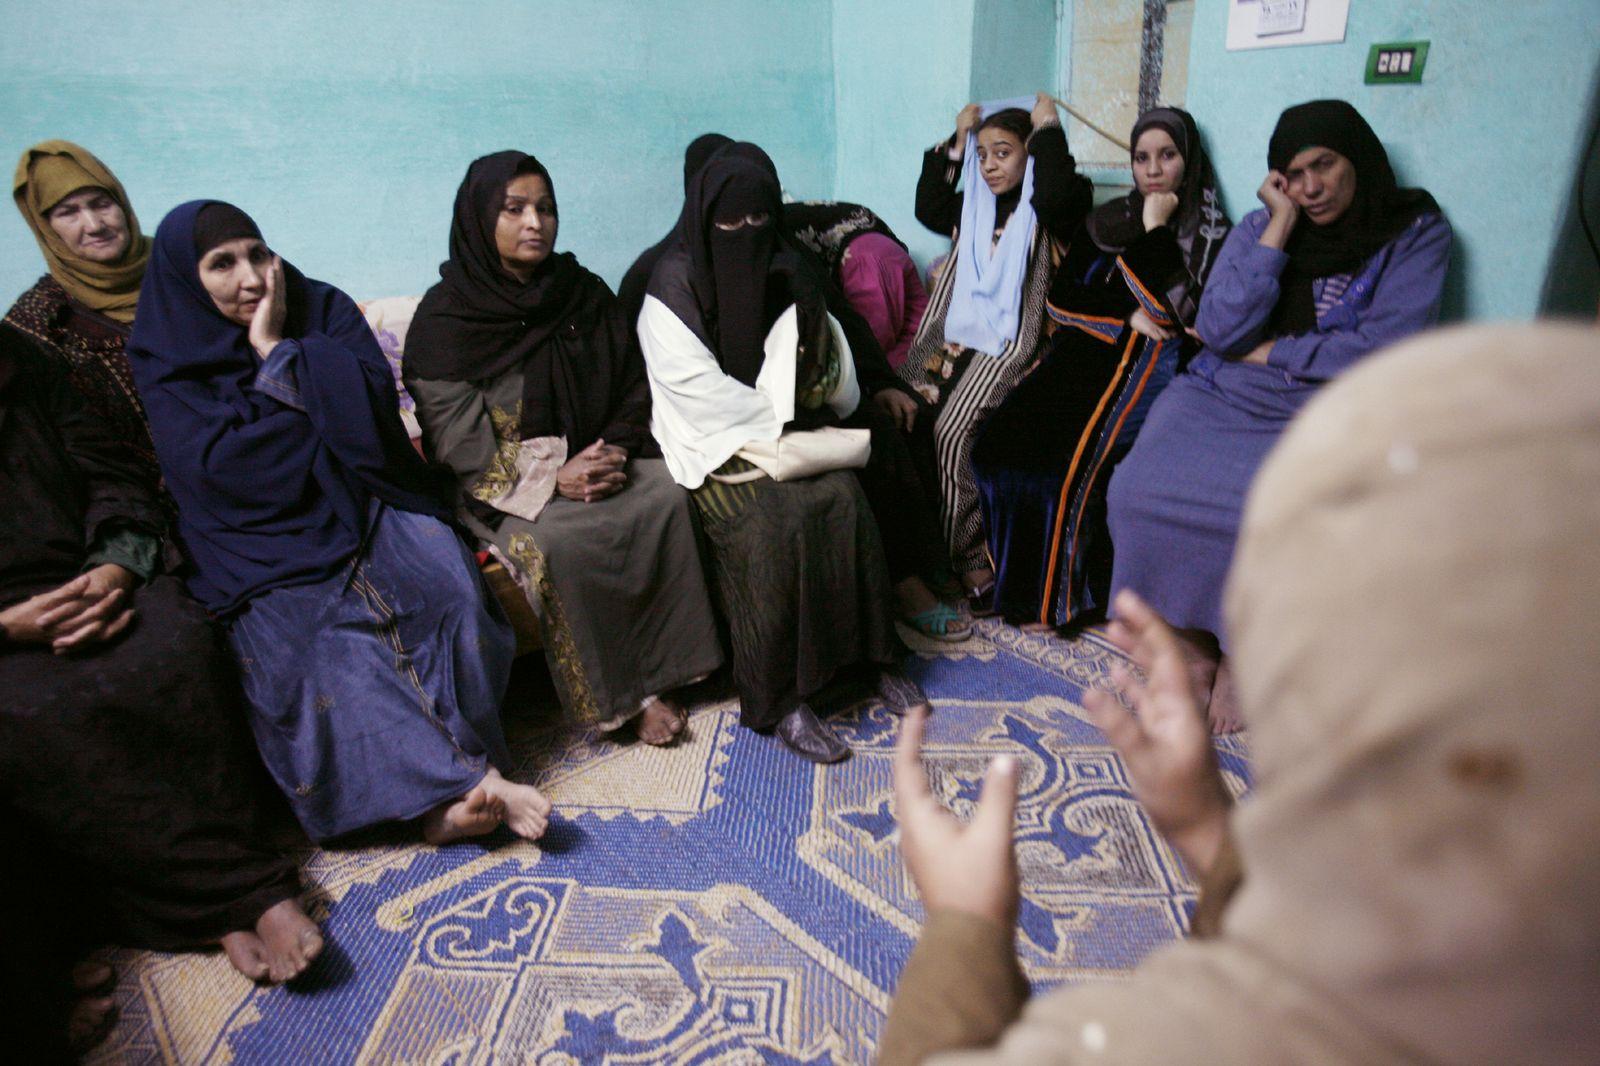 Ägypten/ Beschneidung/ Genitalverstümmelung